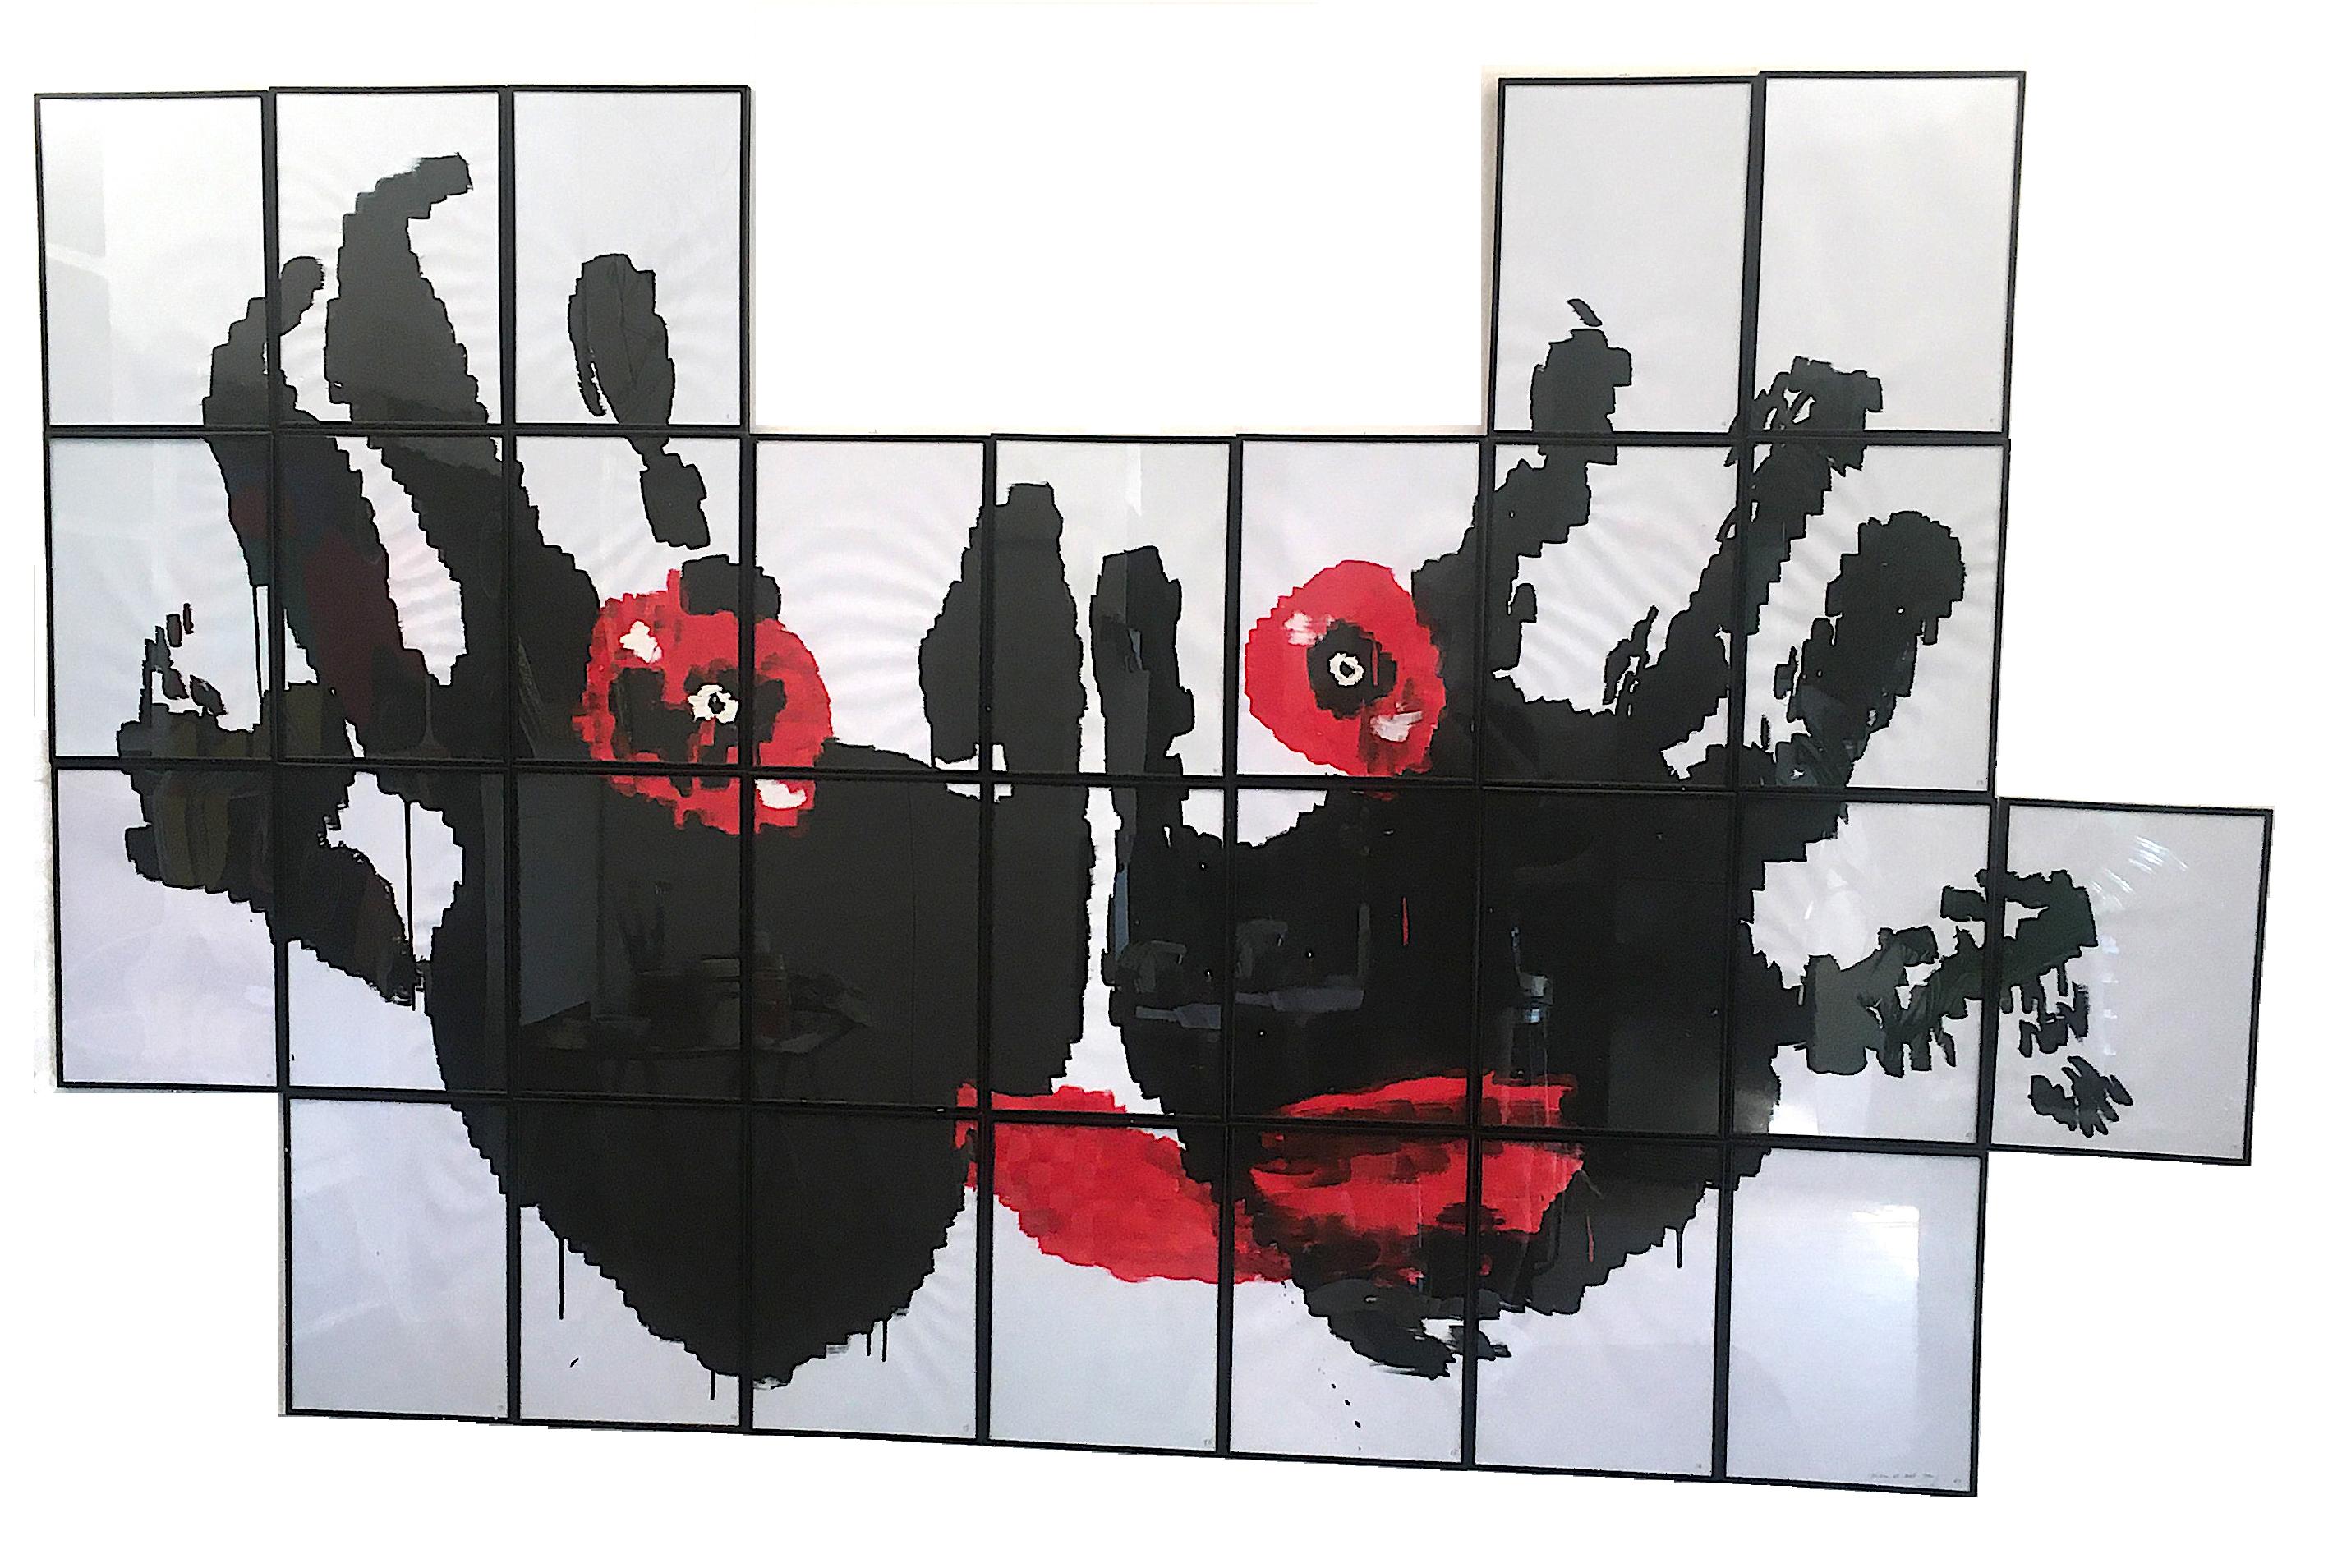 Salvatore Falci, 2012, Effetto Canova, Il Mostro di Joel, tempera su carta, cm. 200x120